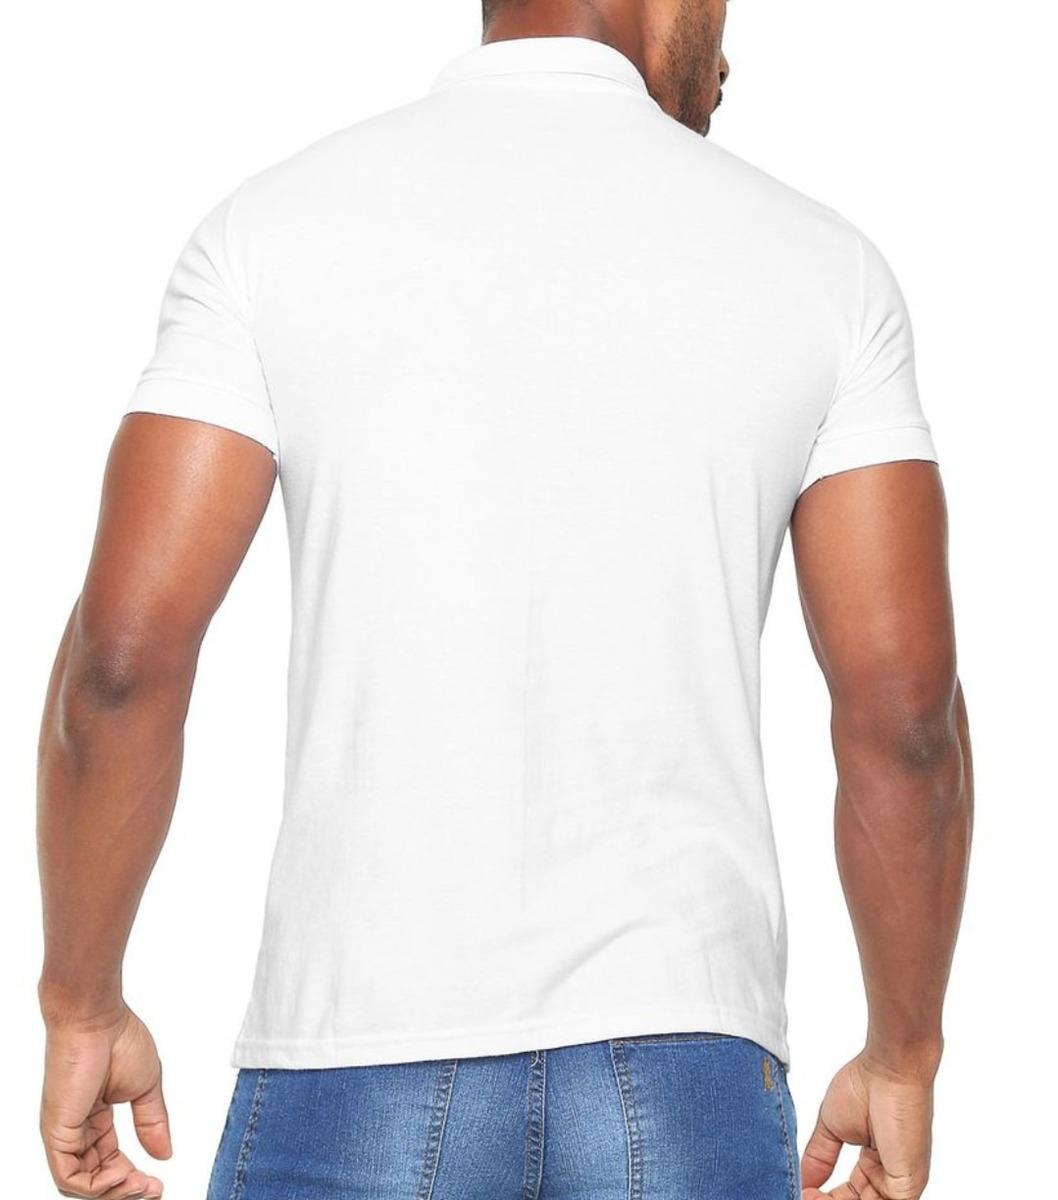 0077bf967abaa camisa polo lisa tam g branca lançamento 2019 polo wear. Carregando zoom.